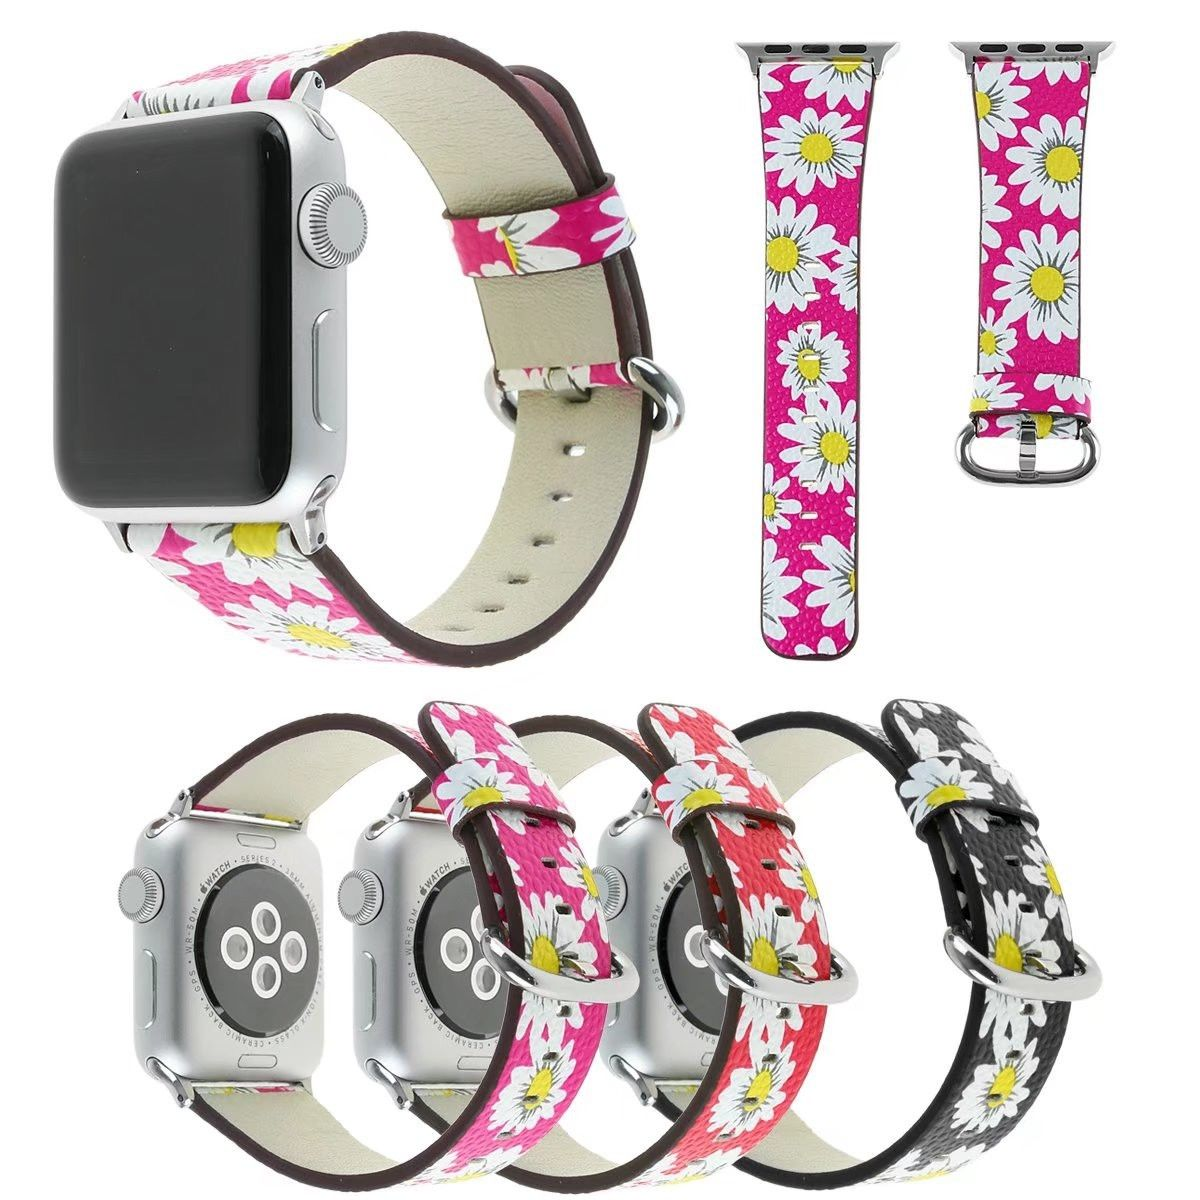 Кожаный ремешок для Apple Watch Series 3 2 1 Широкие ремешки 38 мм 42 мм часы с цветочным рисунком ремень для iWatch браслет